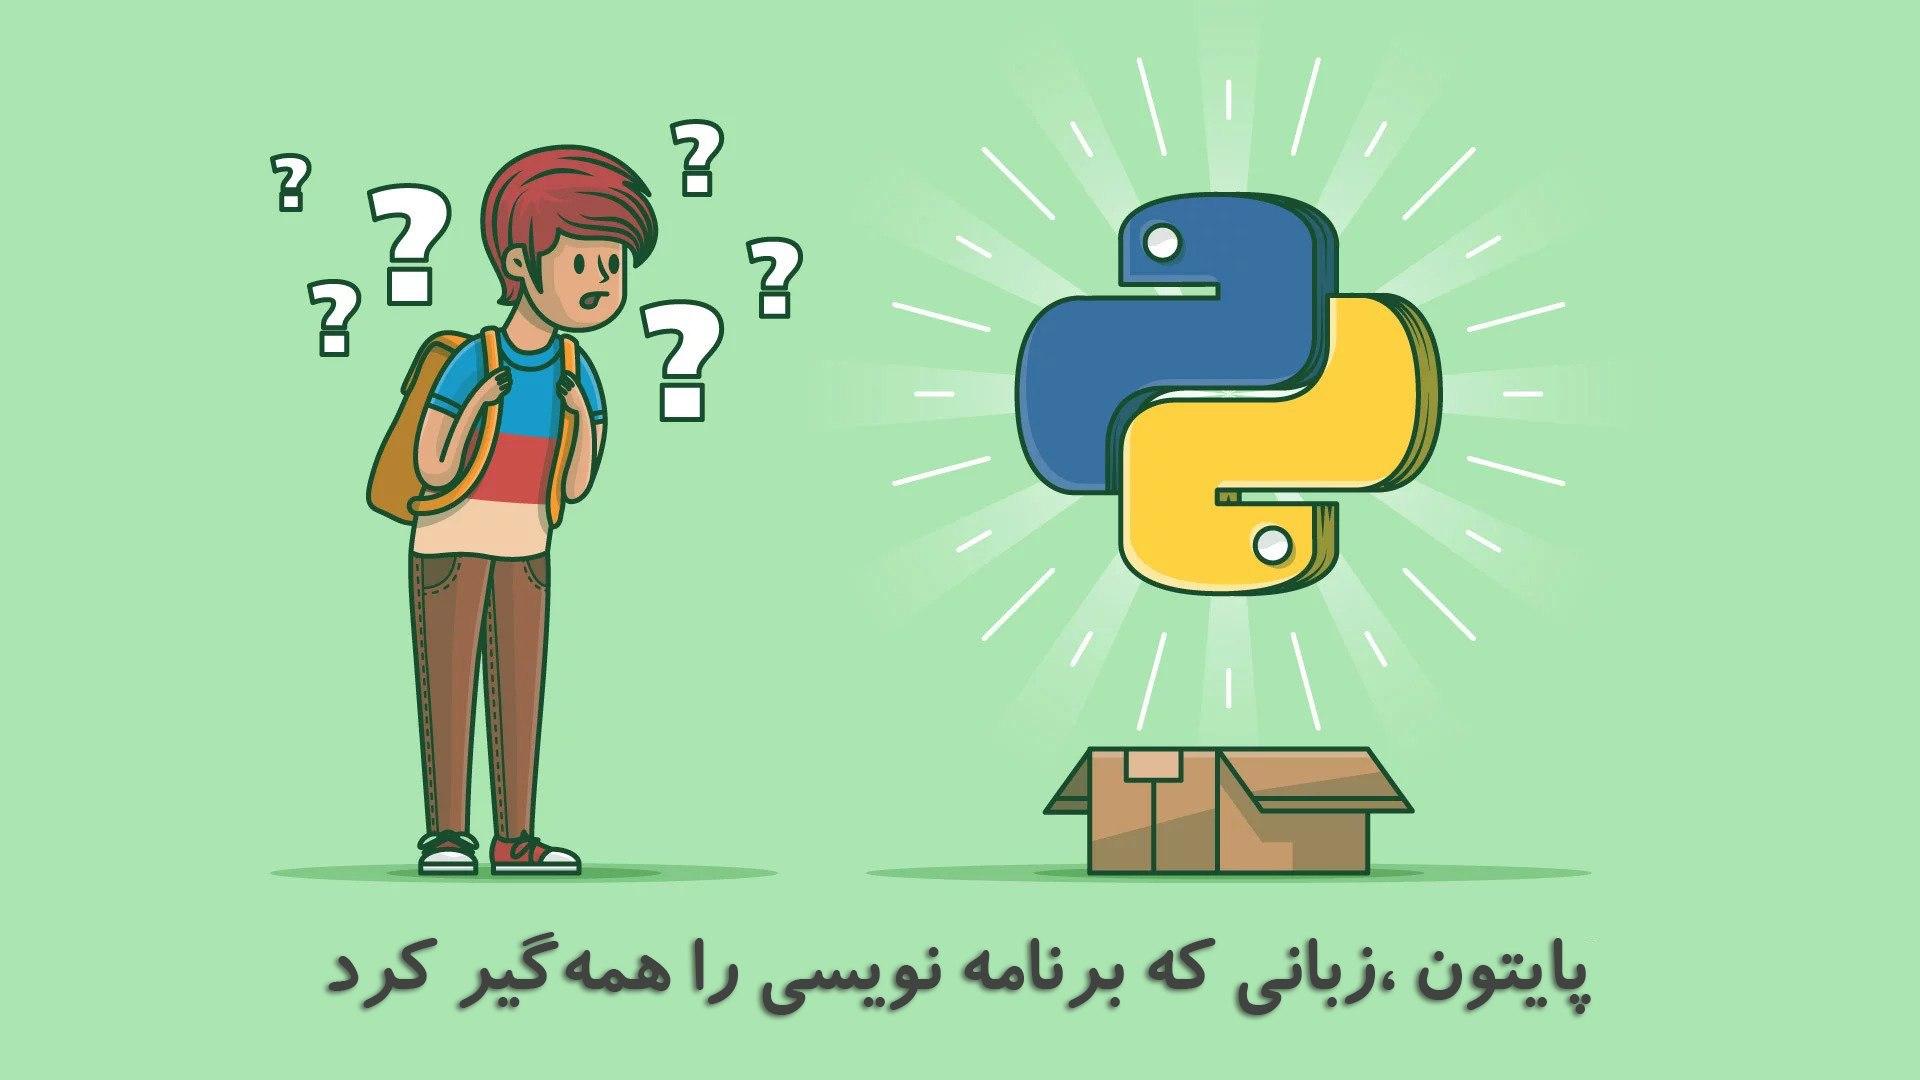 پایتون ،زبانی که برنامه نویسی را همهگیر کرد